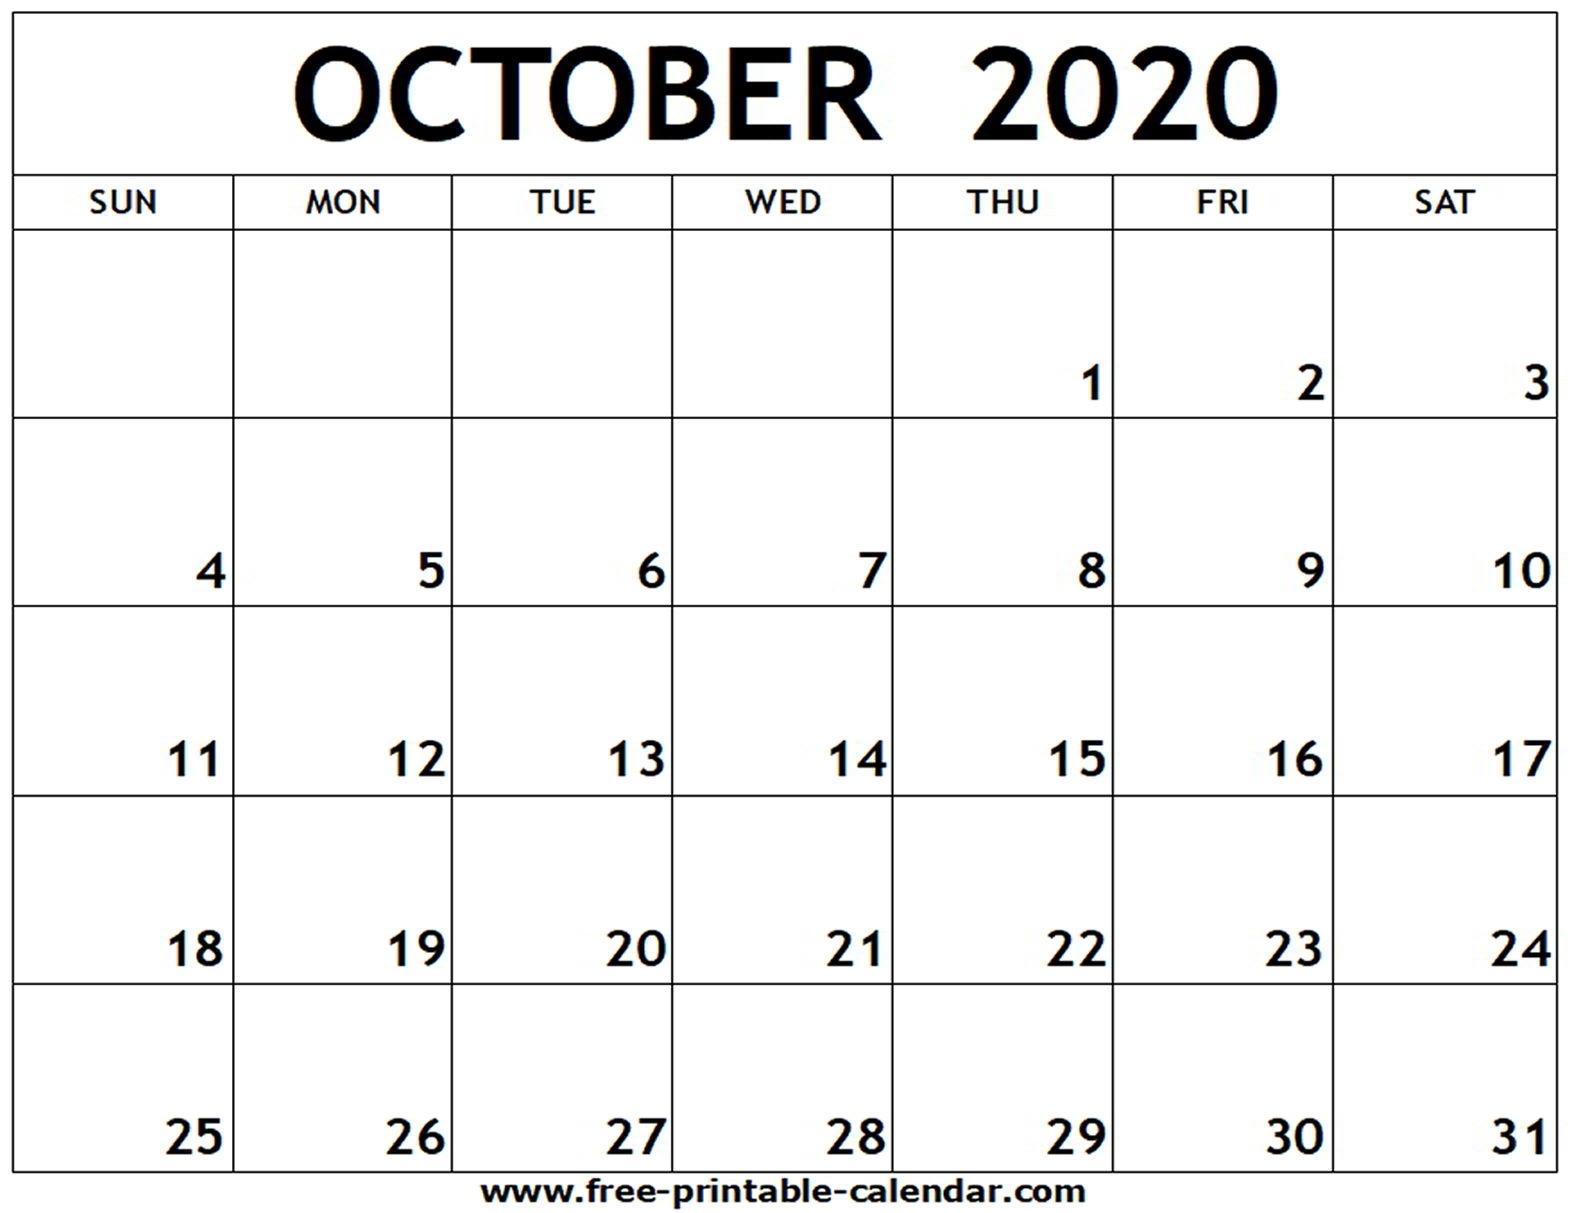 October 2020 Printable Calendar - Free-Printable-Calendar